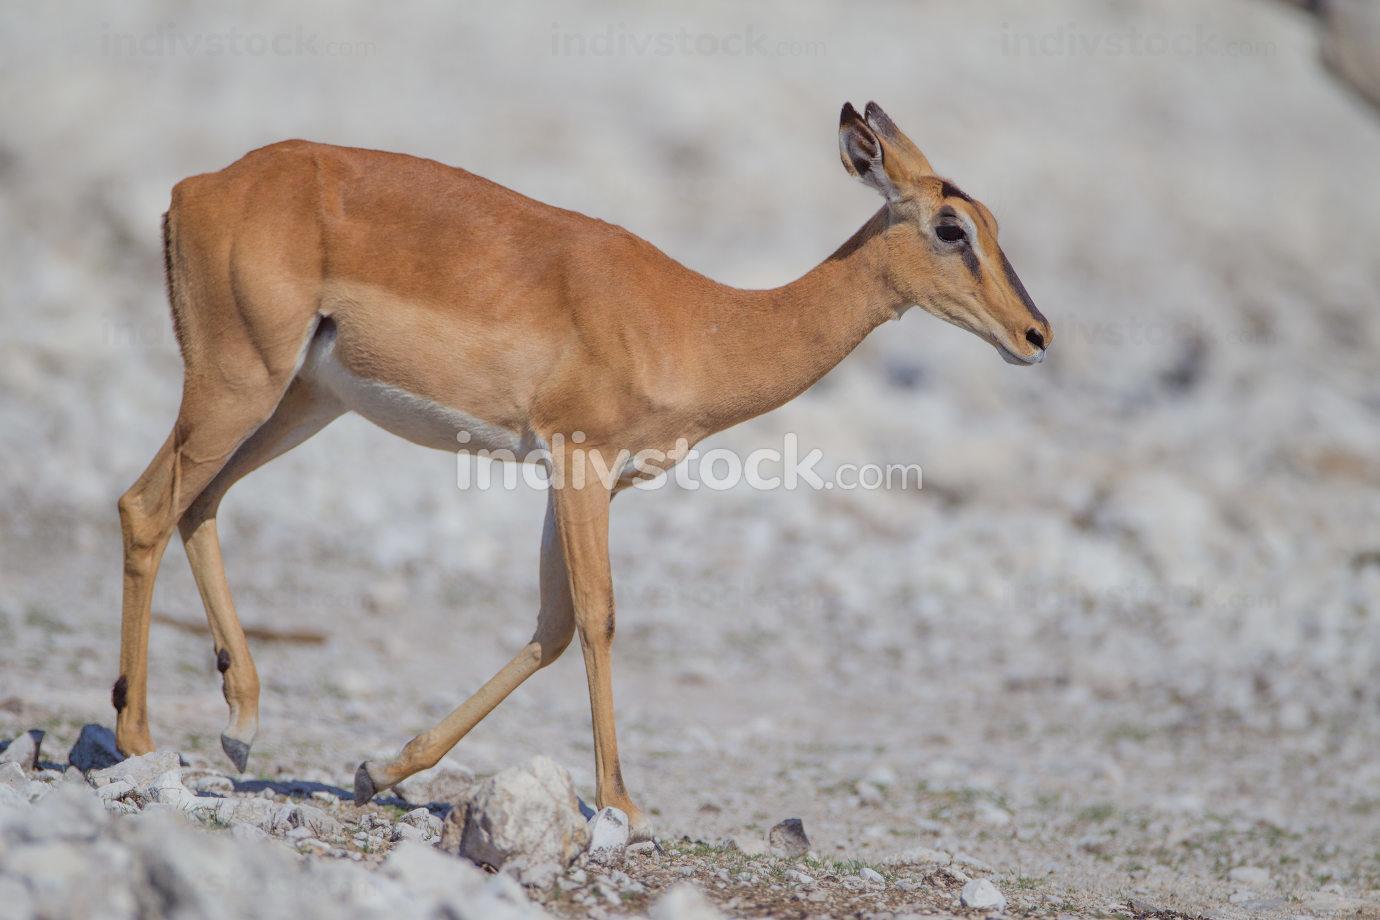 Gazelle in the wilderness